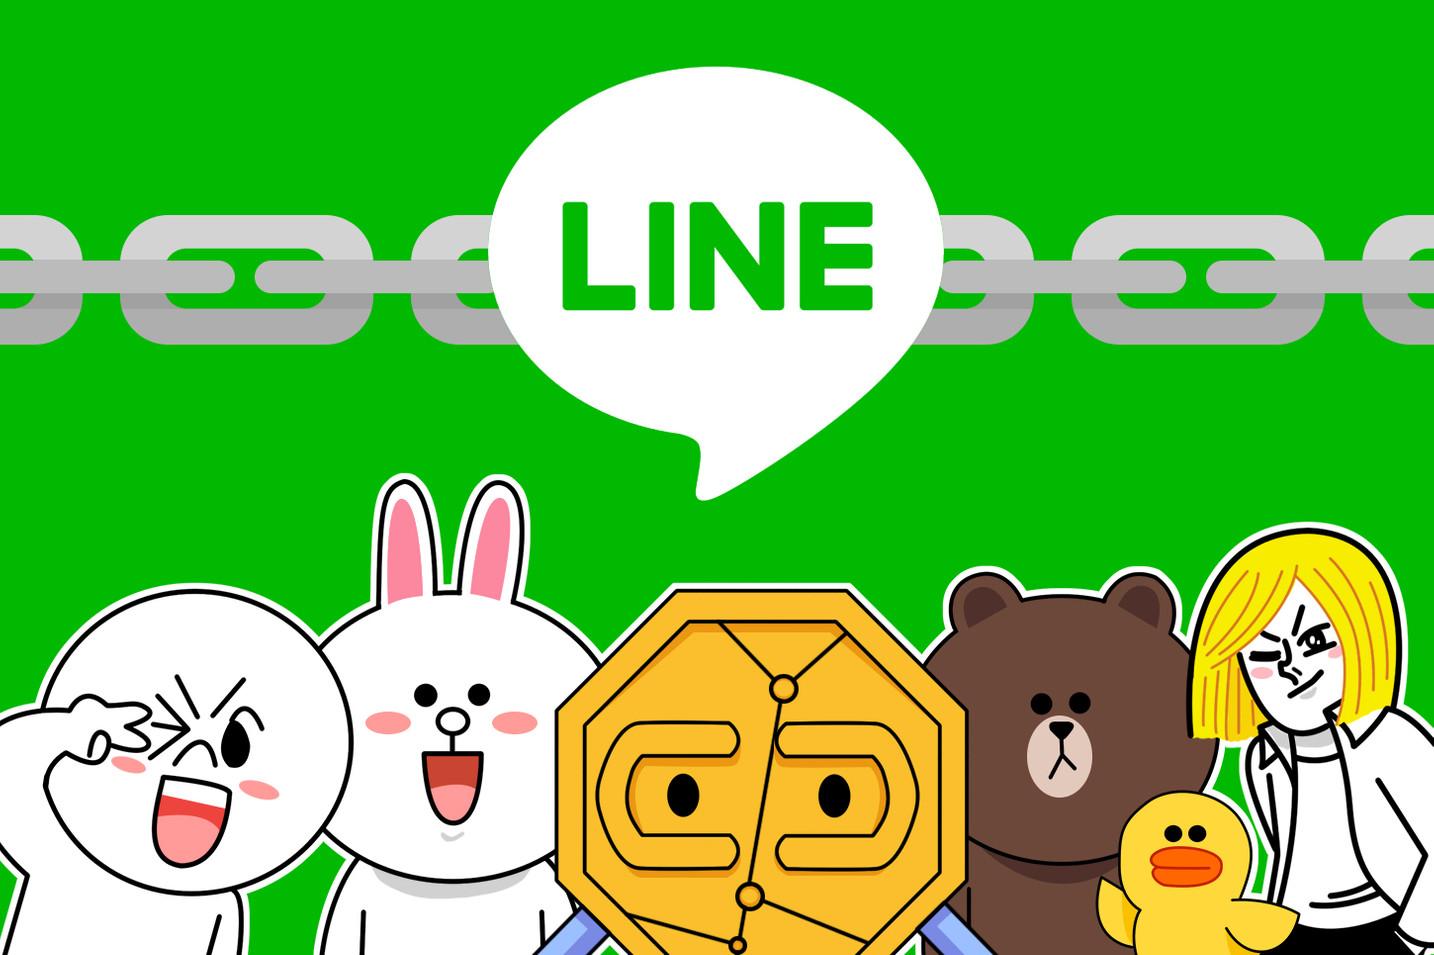 【動画あり】LINE、分散型アプリの現状を変えるか? 日本向けトークンの仮想通貨取引所上場についても言及